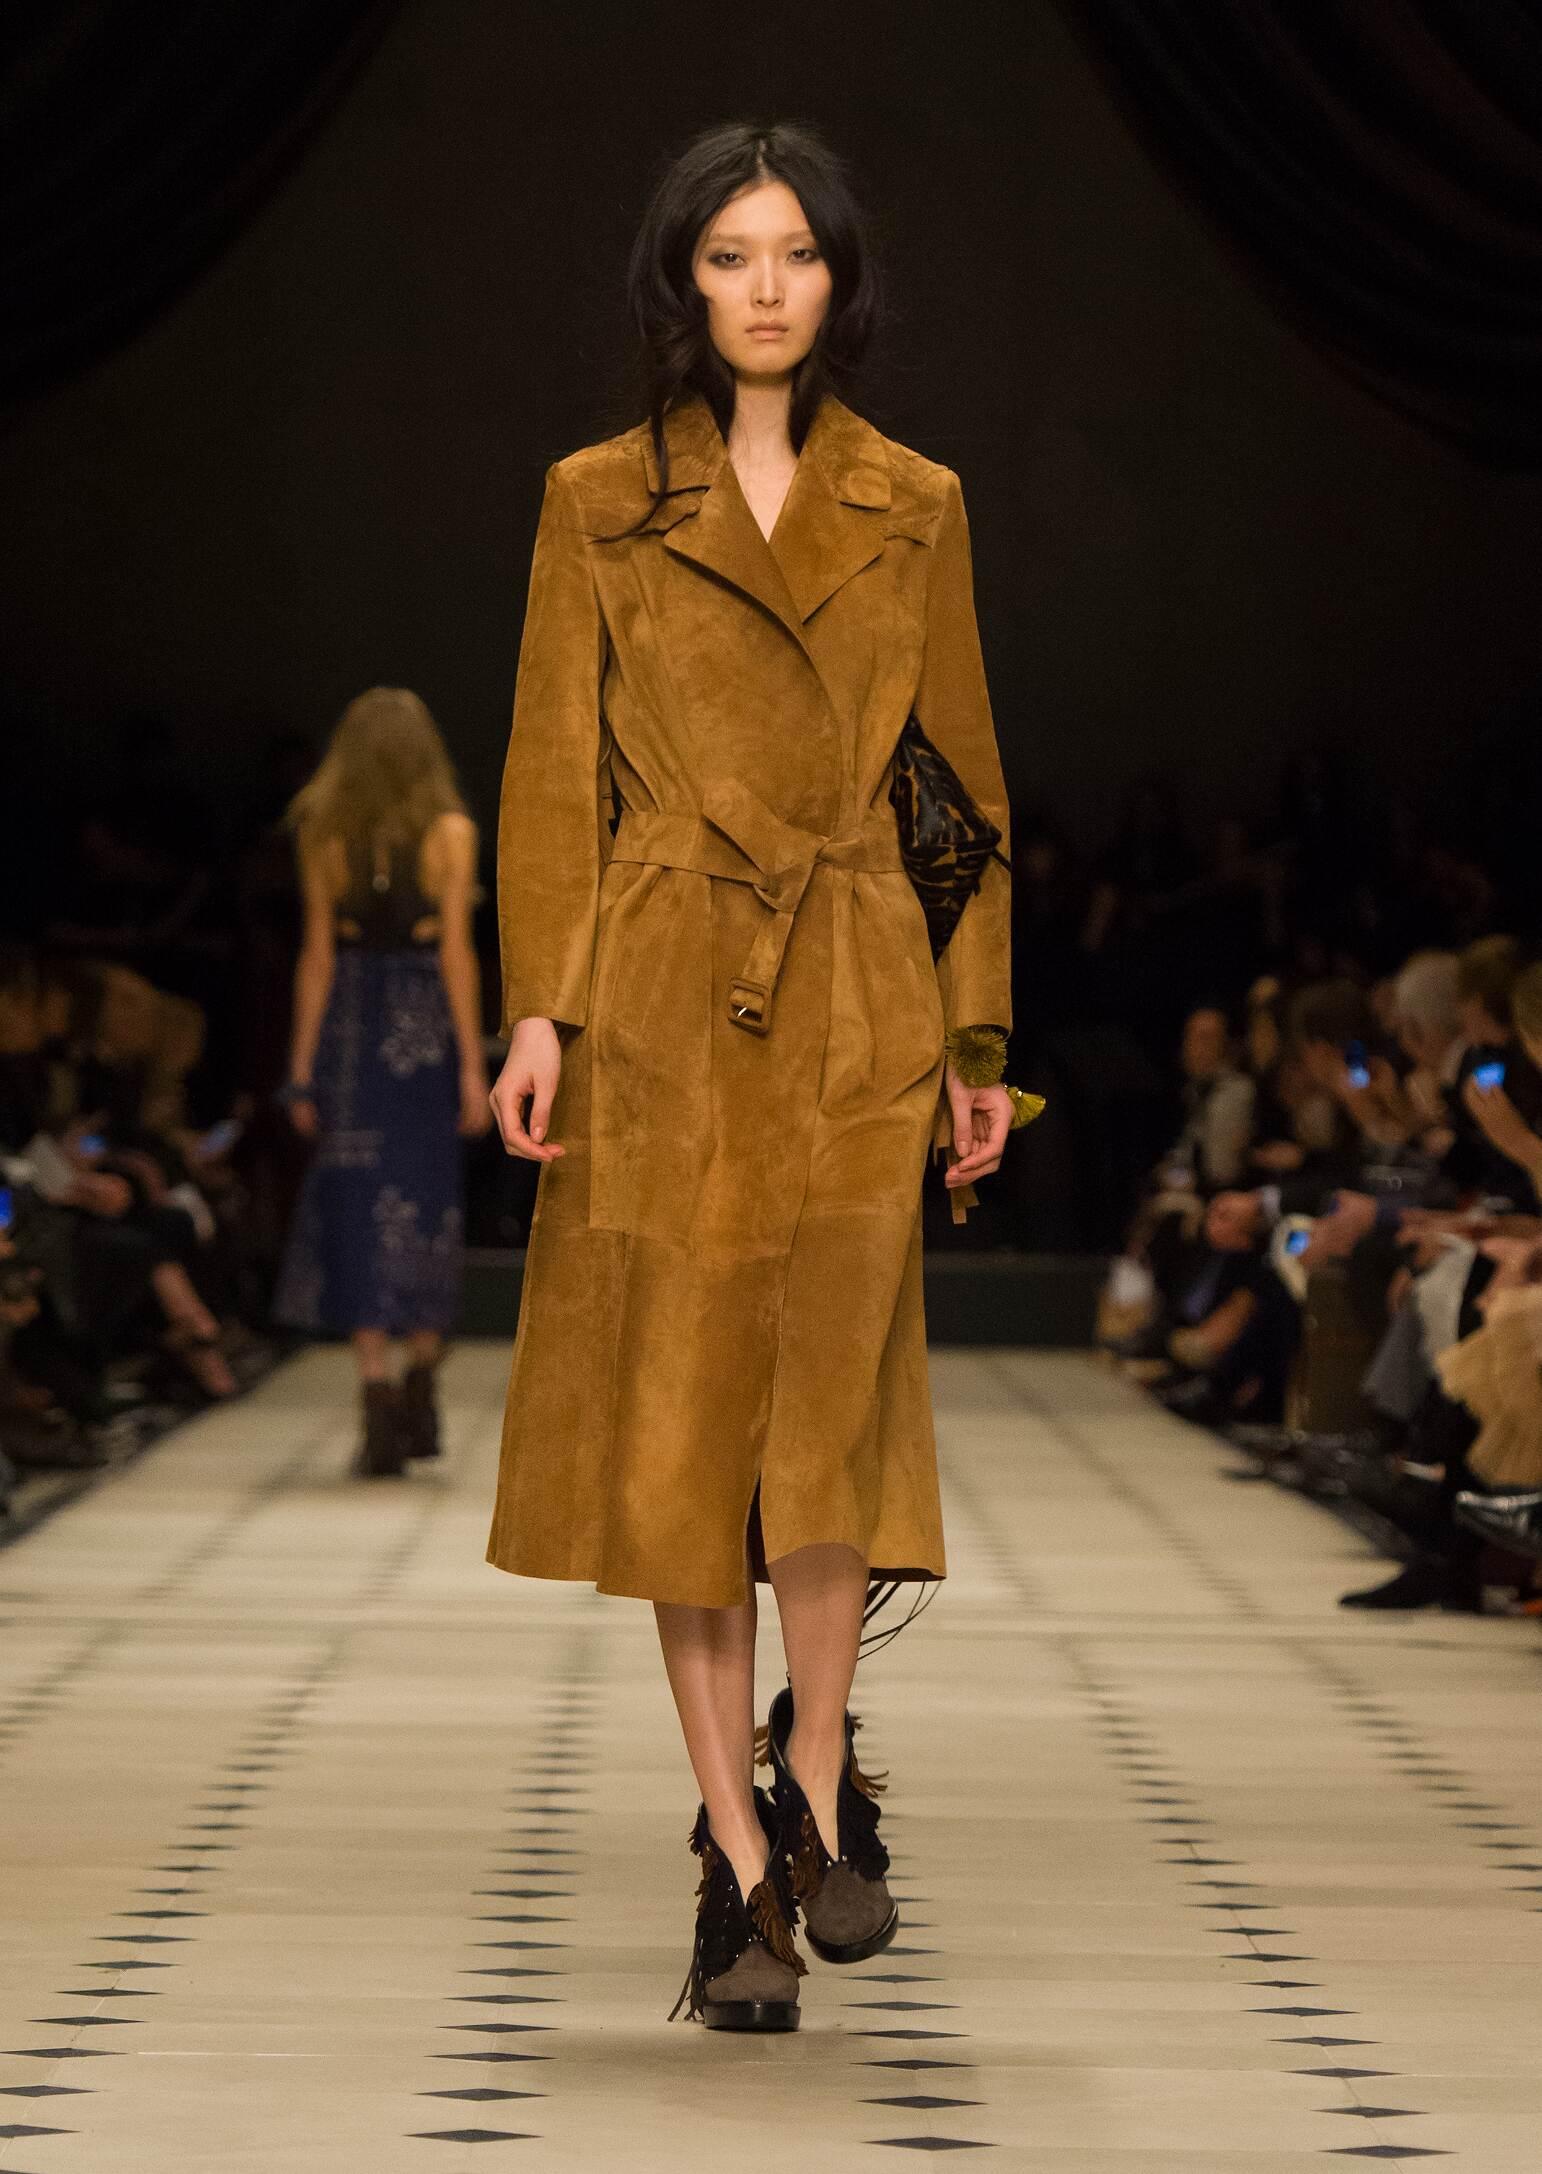 Fashion Trends Burberry Prorsum